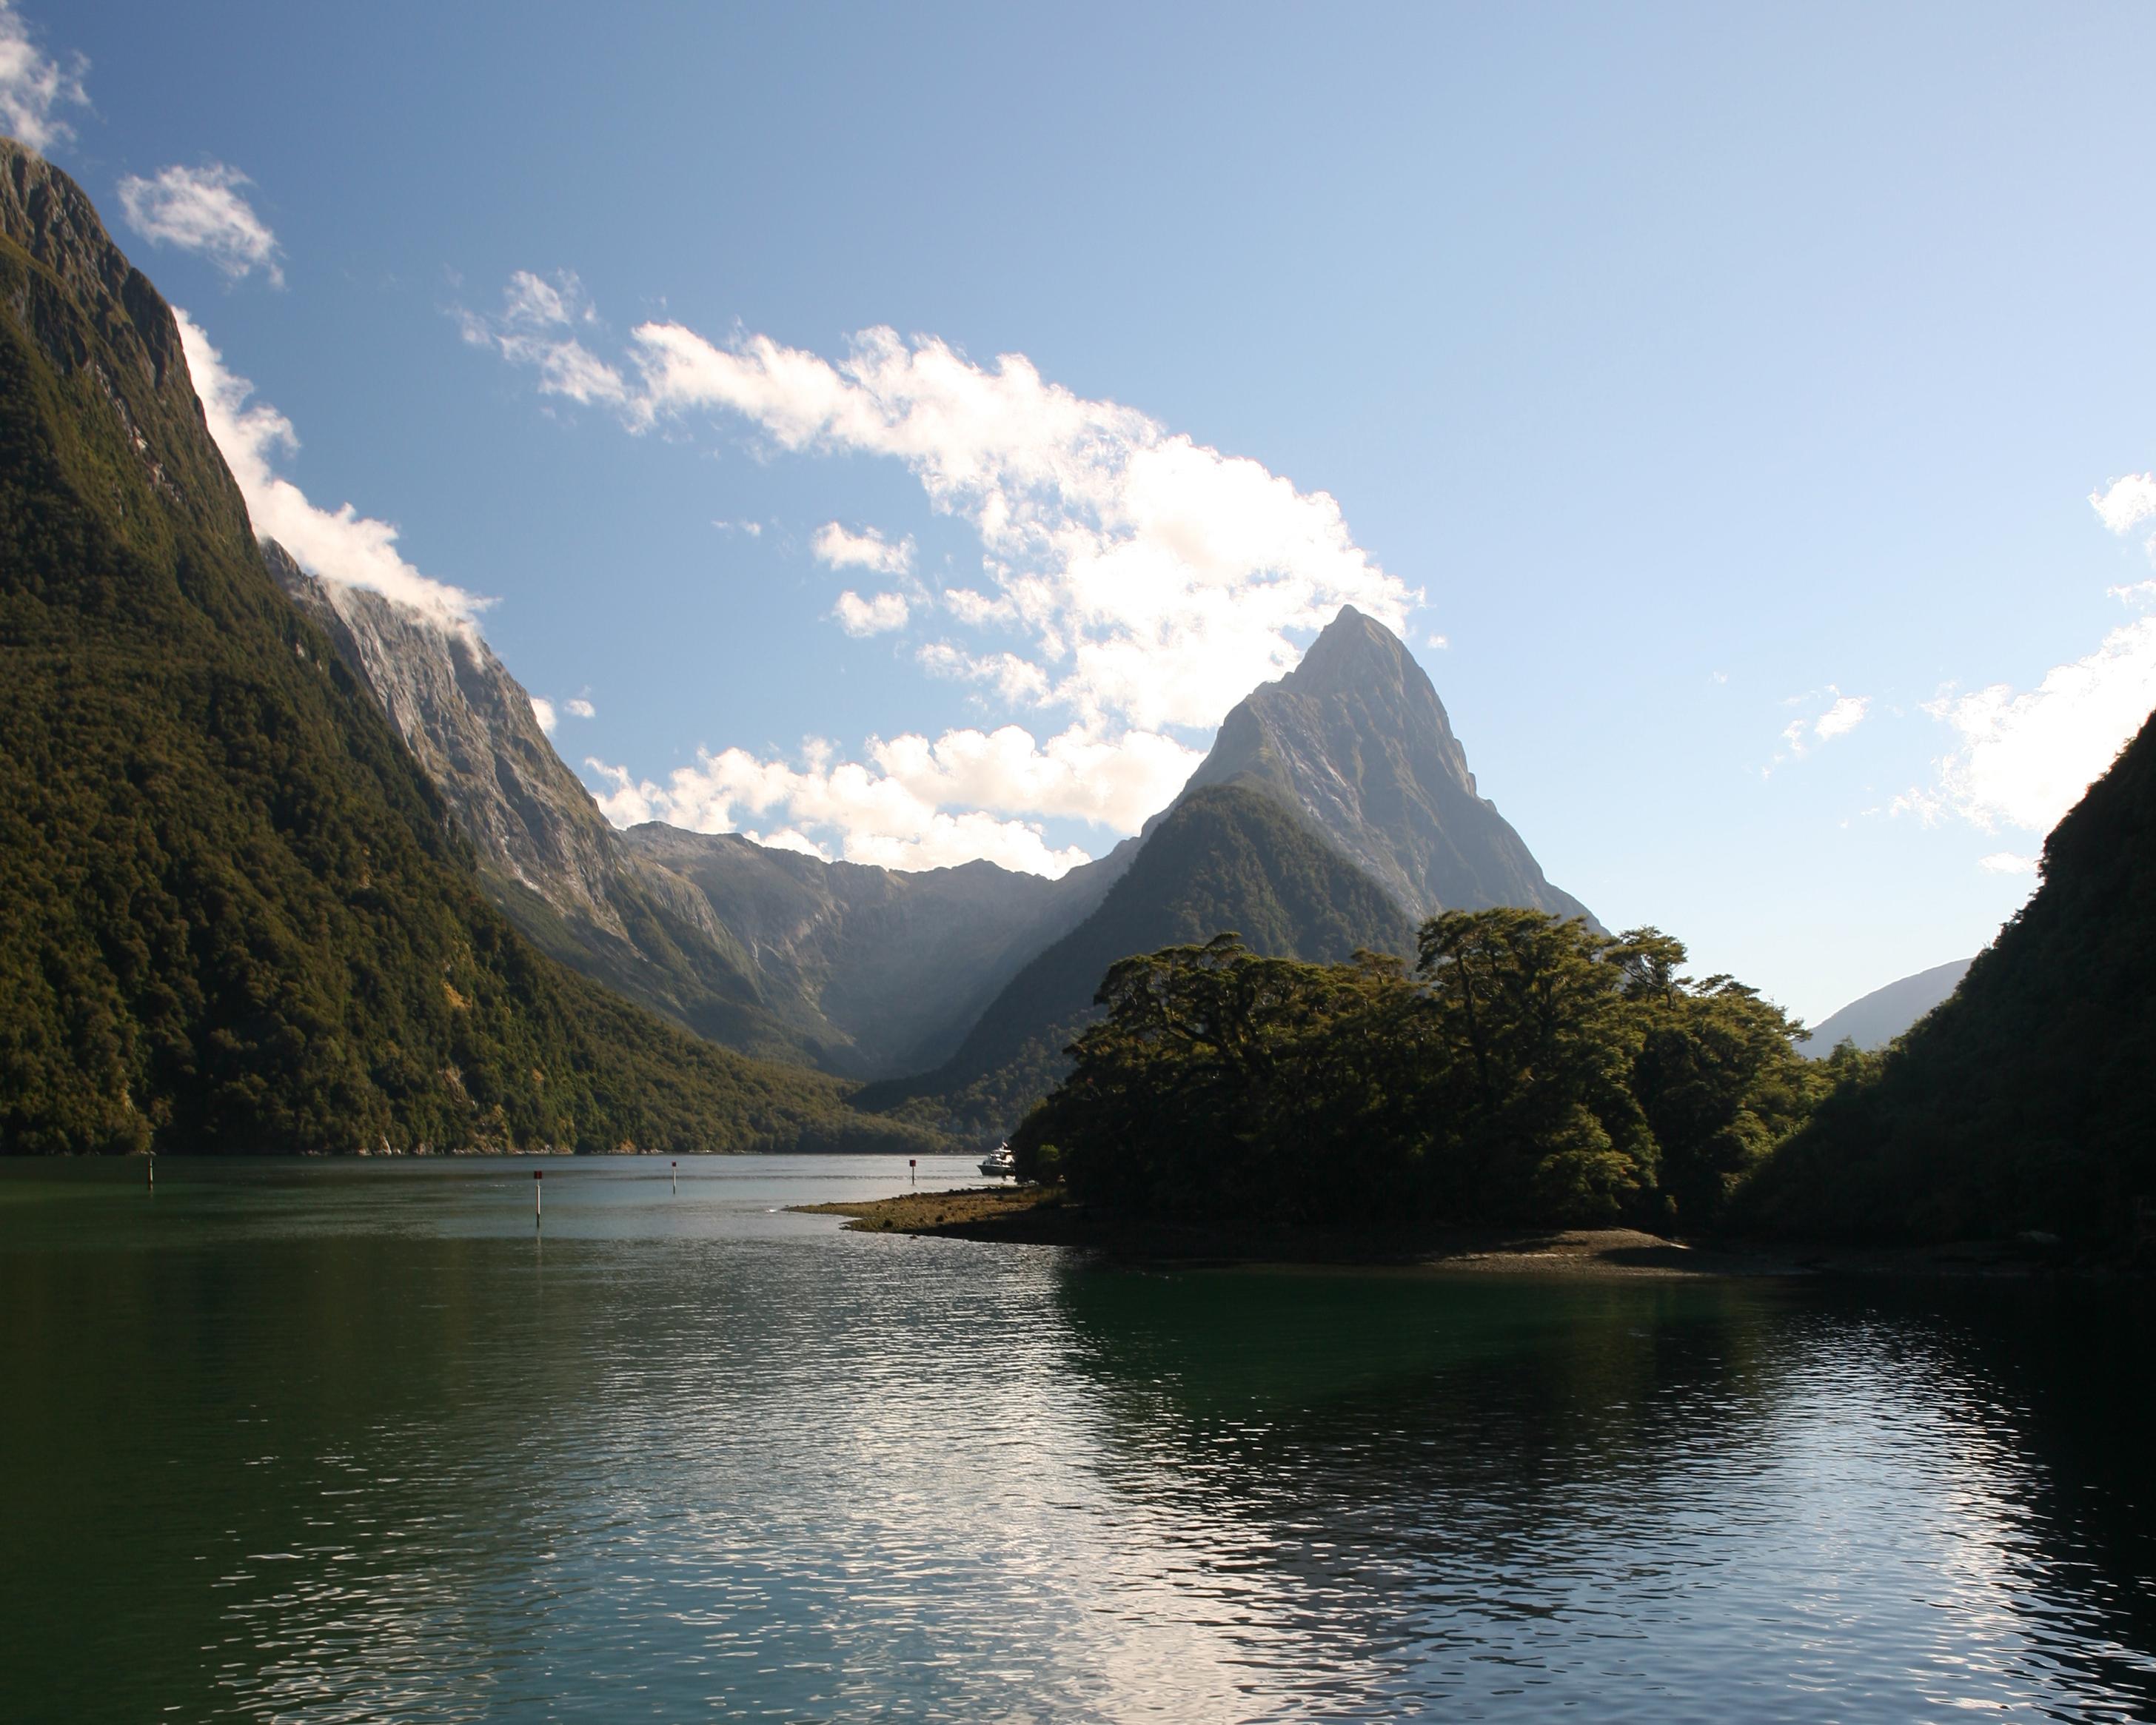 Toute la majesté de Milford Sound, depuis le fond du fjord : la dent du Mitre Peak culmine à 1 692 m au-dessus de la mer…